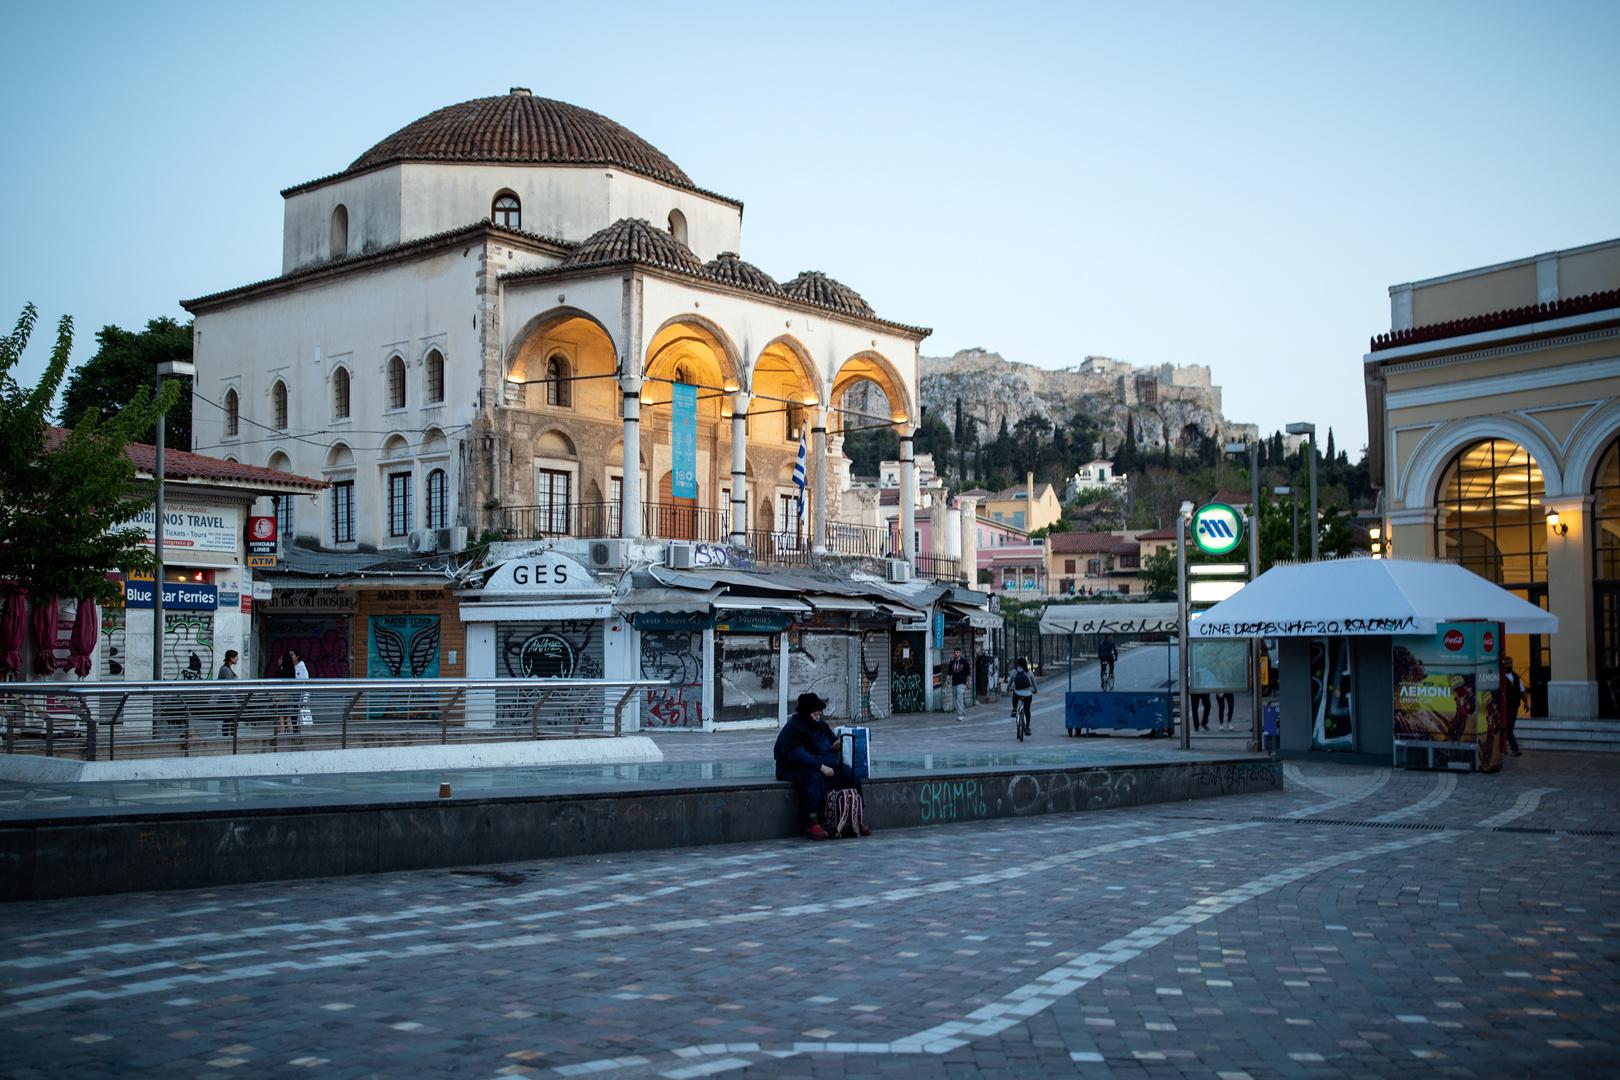 توقف السياحة في اليونان جراء فيروس كورونا